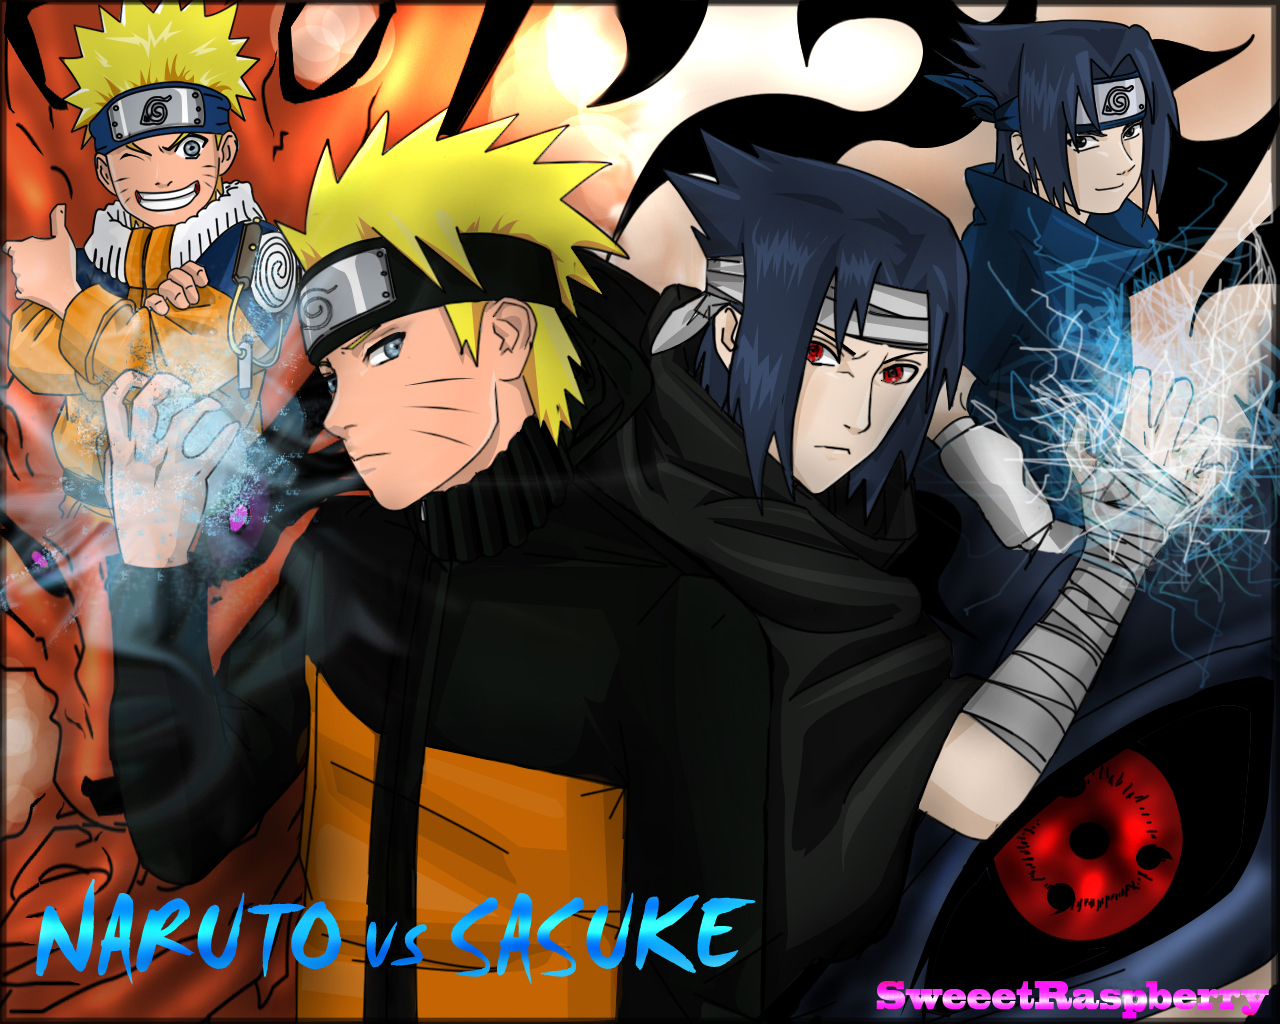 Itachi+uchiha+vs+sasuke+uchiha